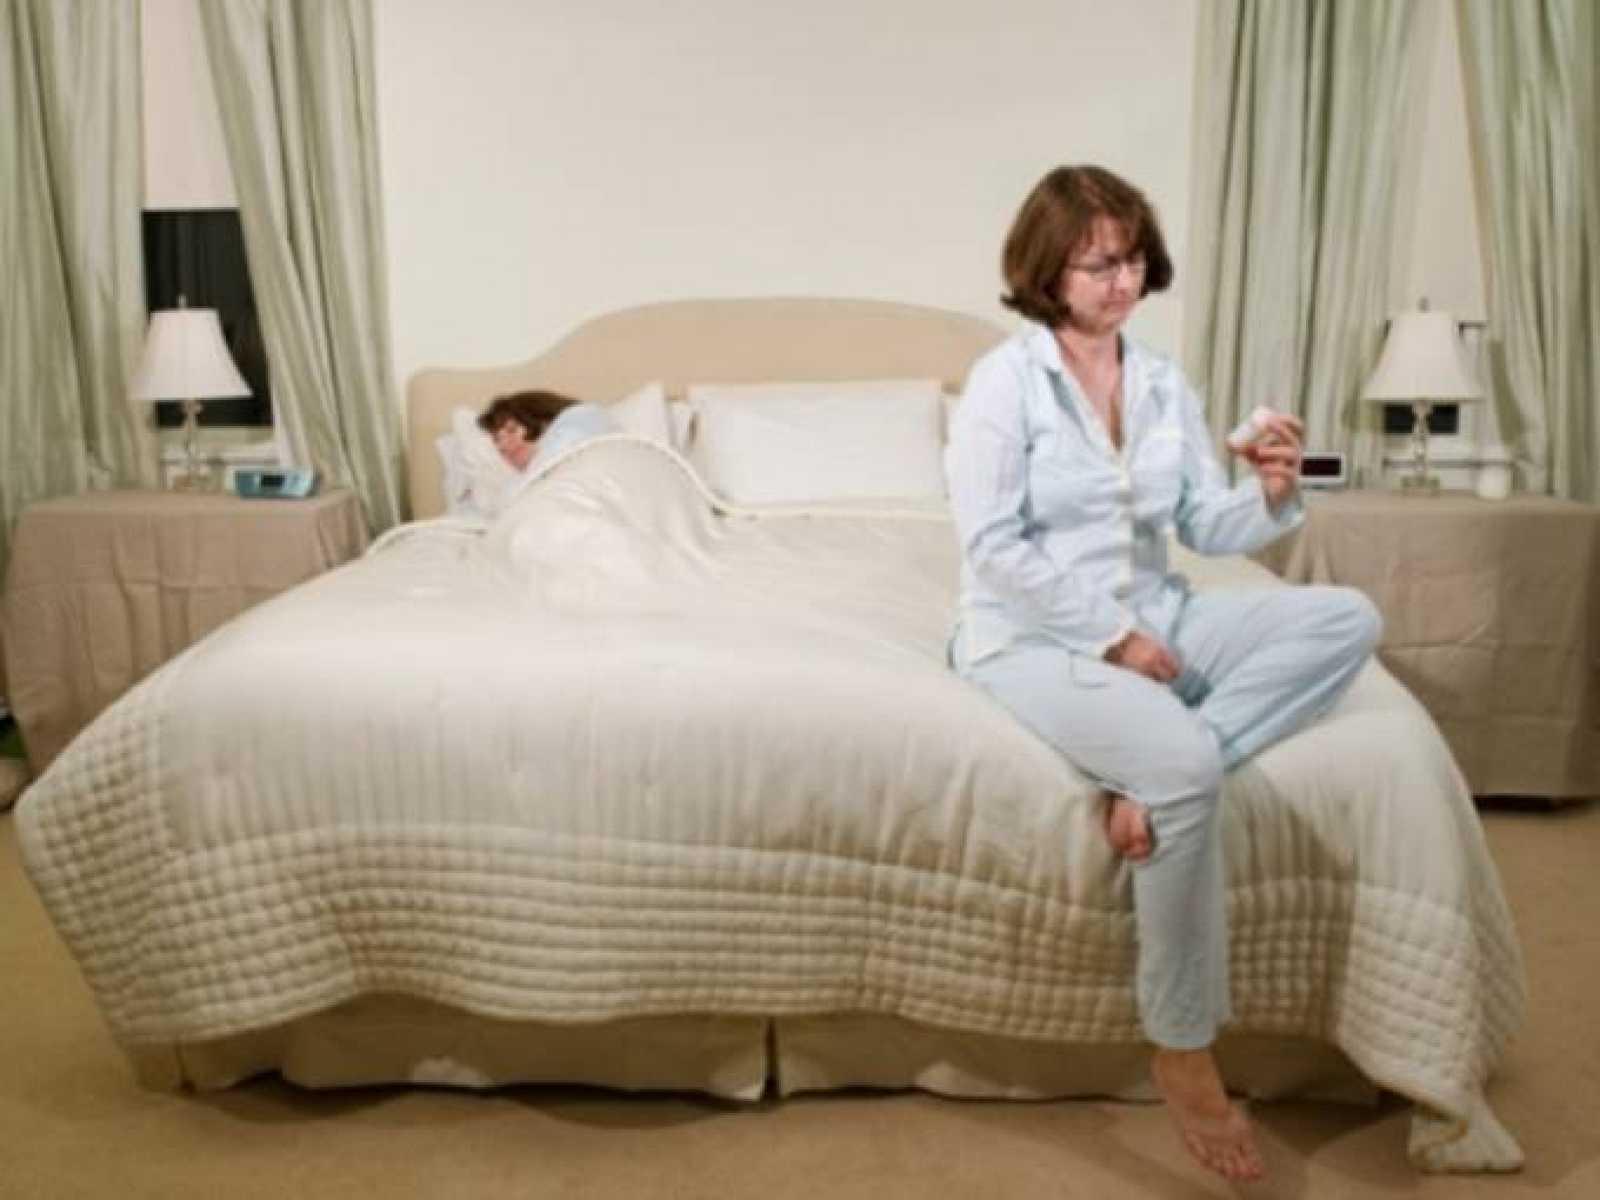 Un 13% de la población no descansa lo suficiente